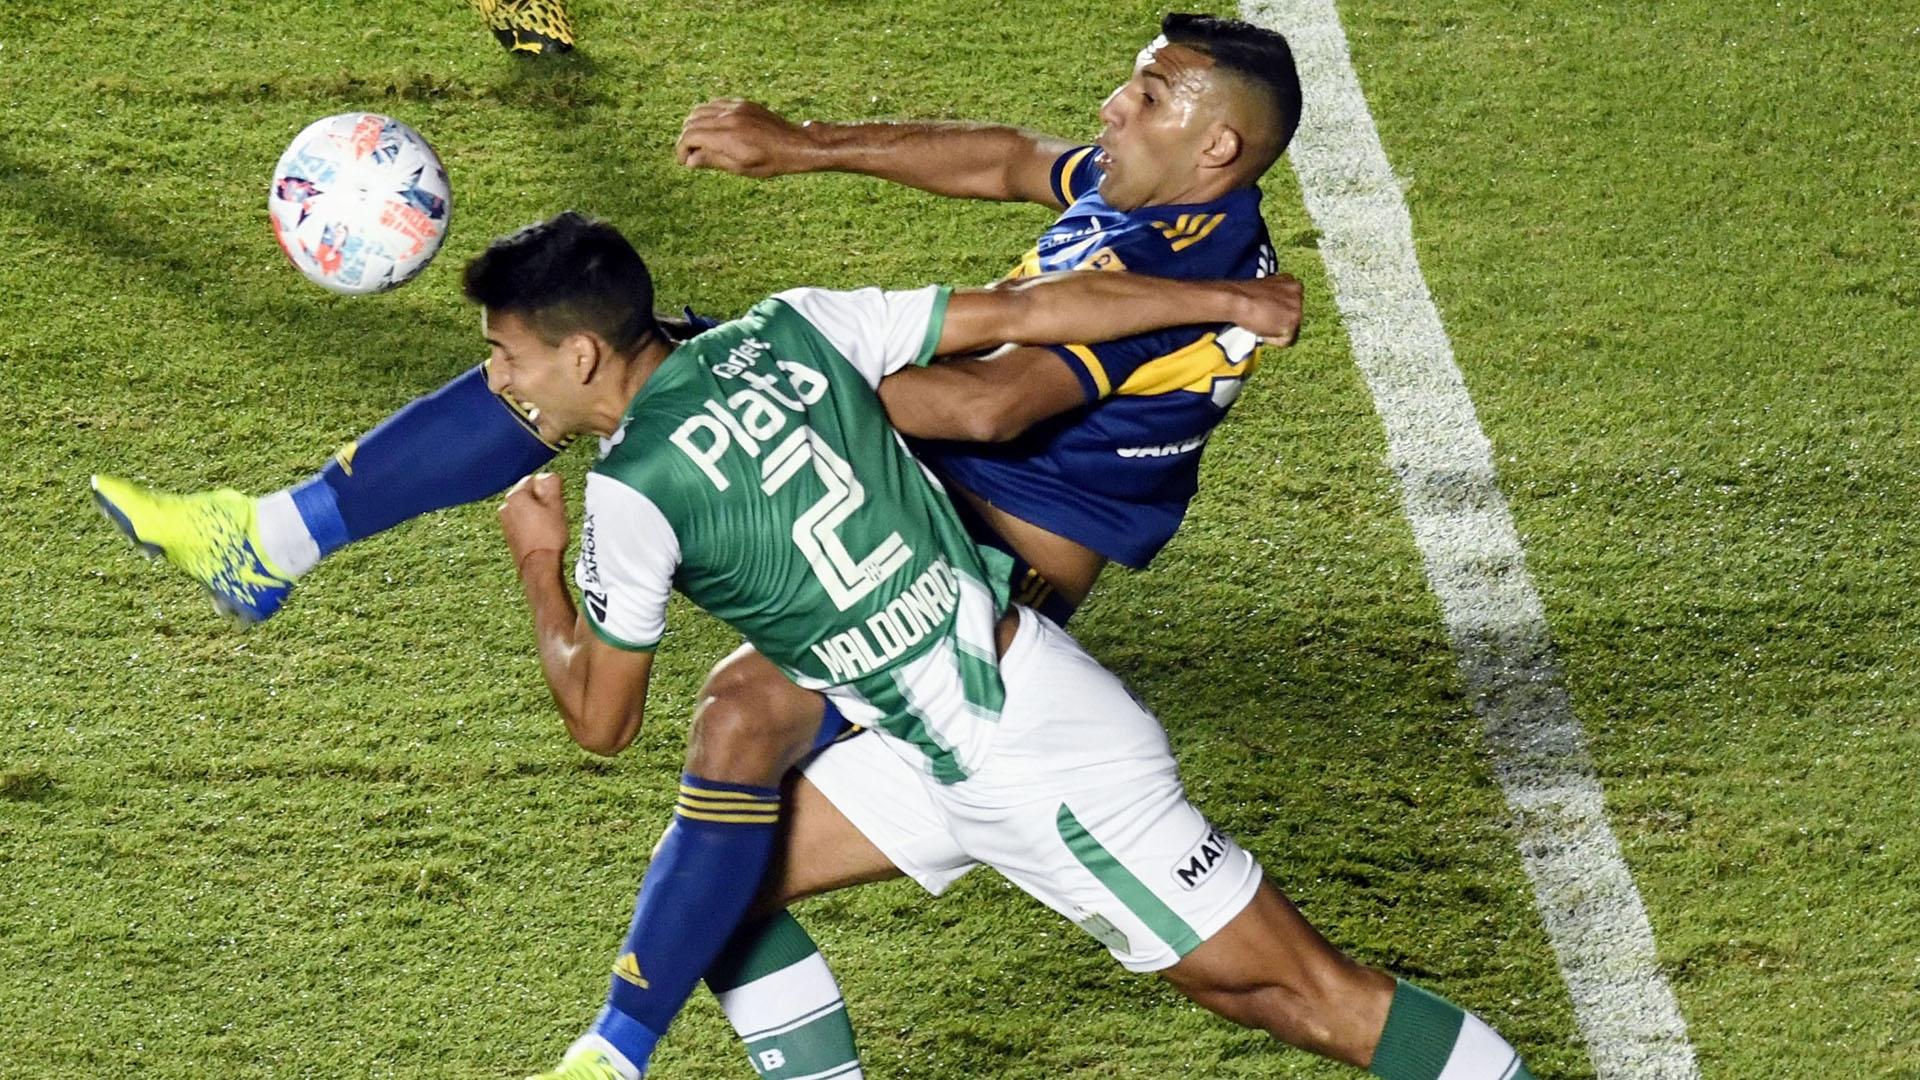 Wanchope y Maldonado disputan el balón. El delantero pidió penal